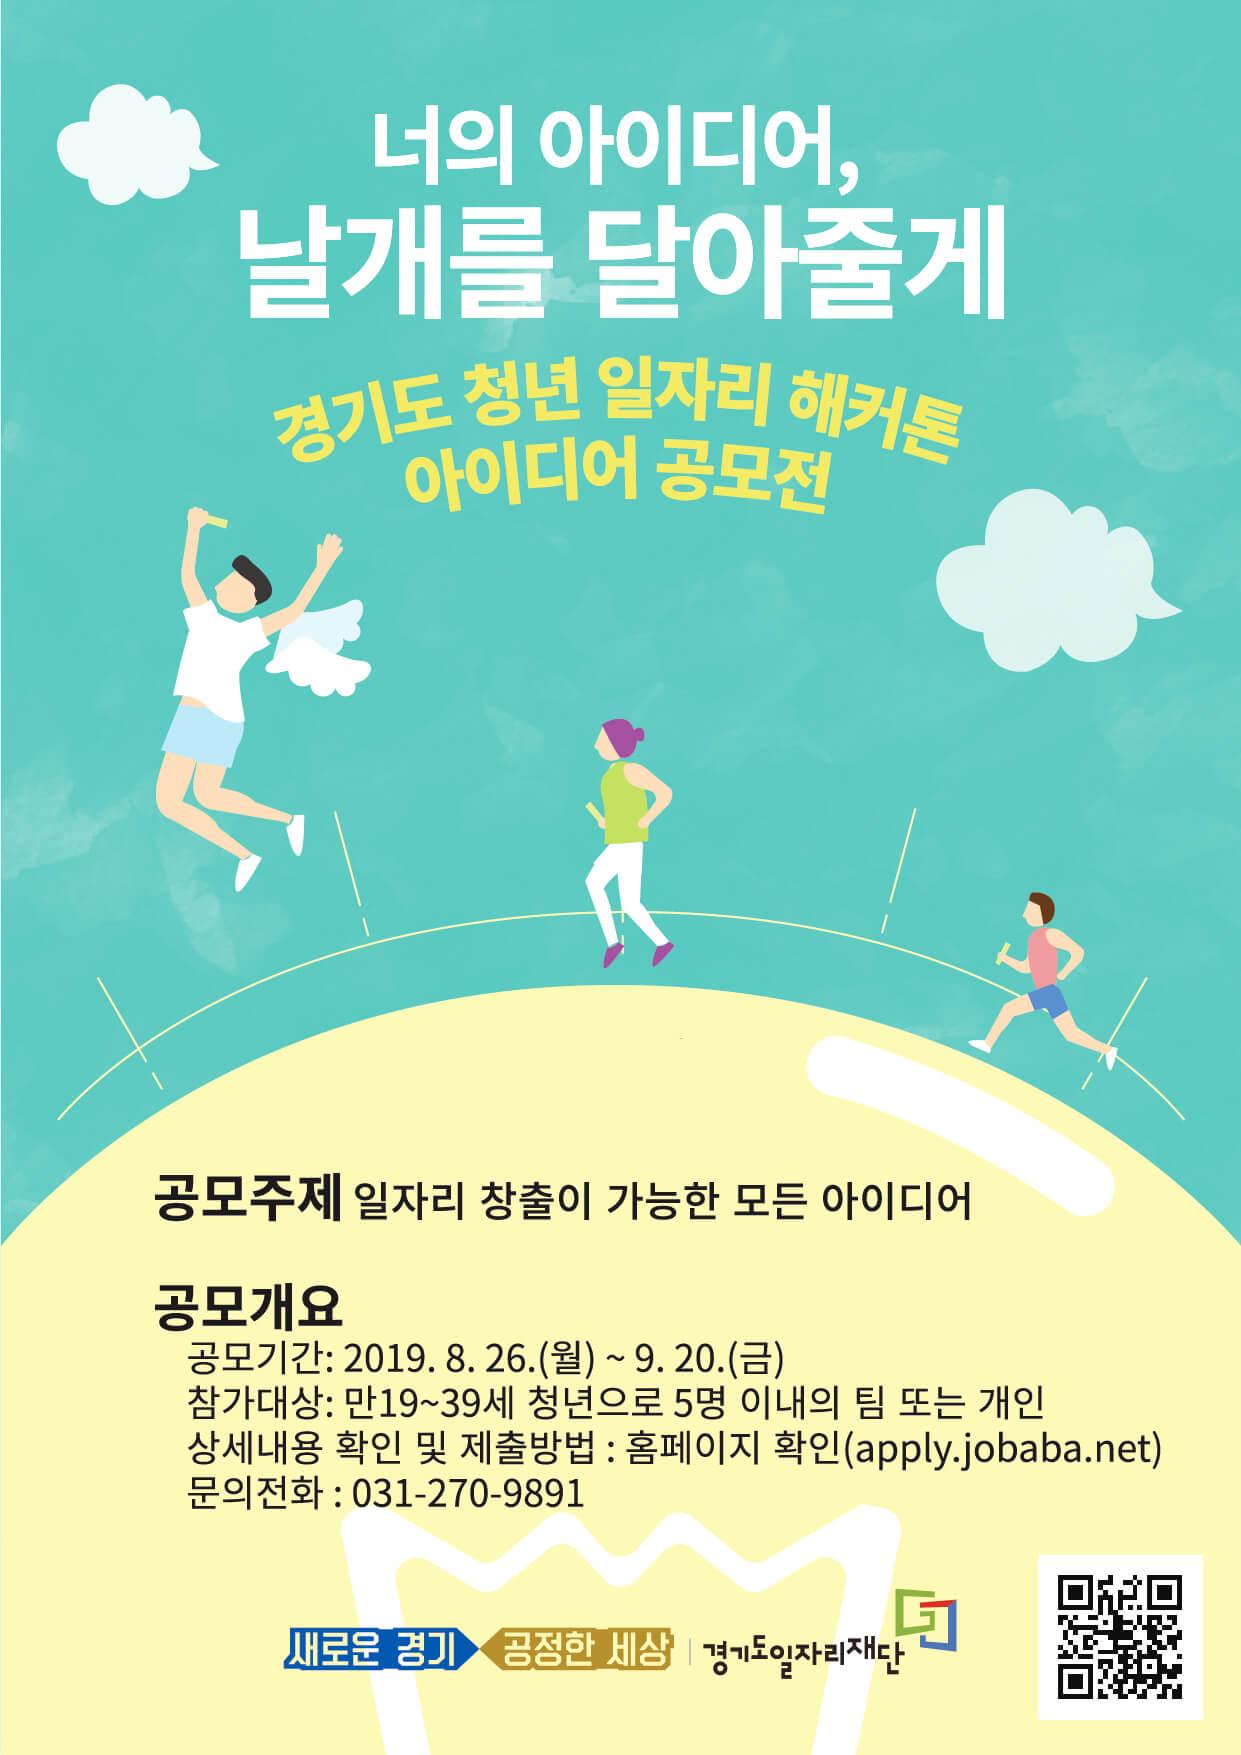 2019 경기도 청년일자리 해커톤 프로젝트